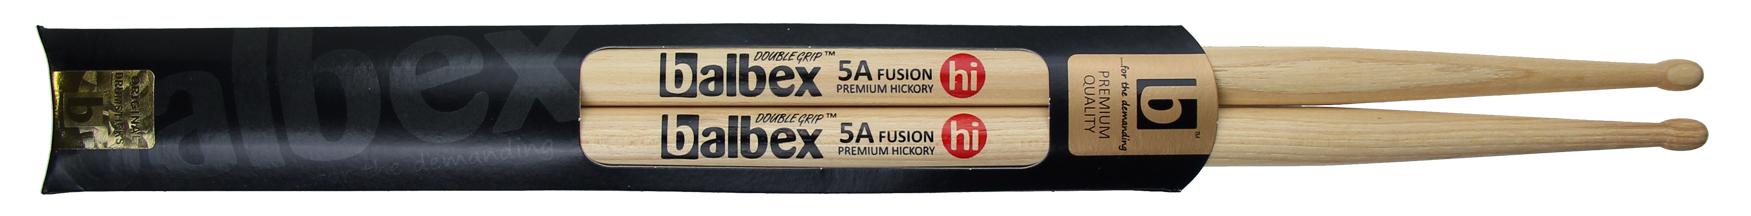 cover-5a-hi-fusion